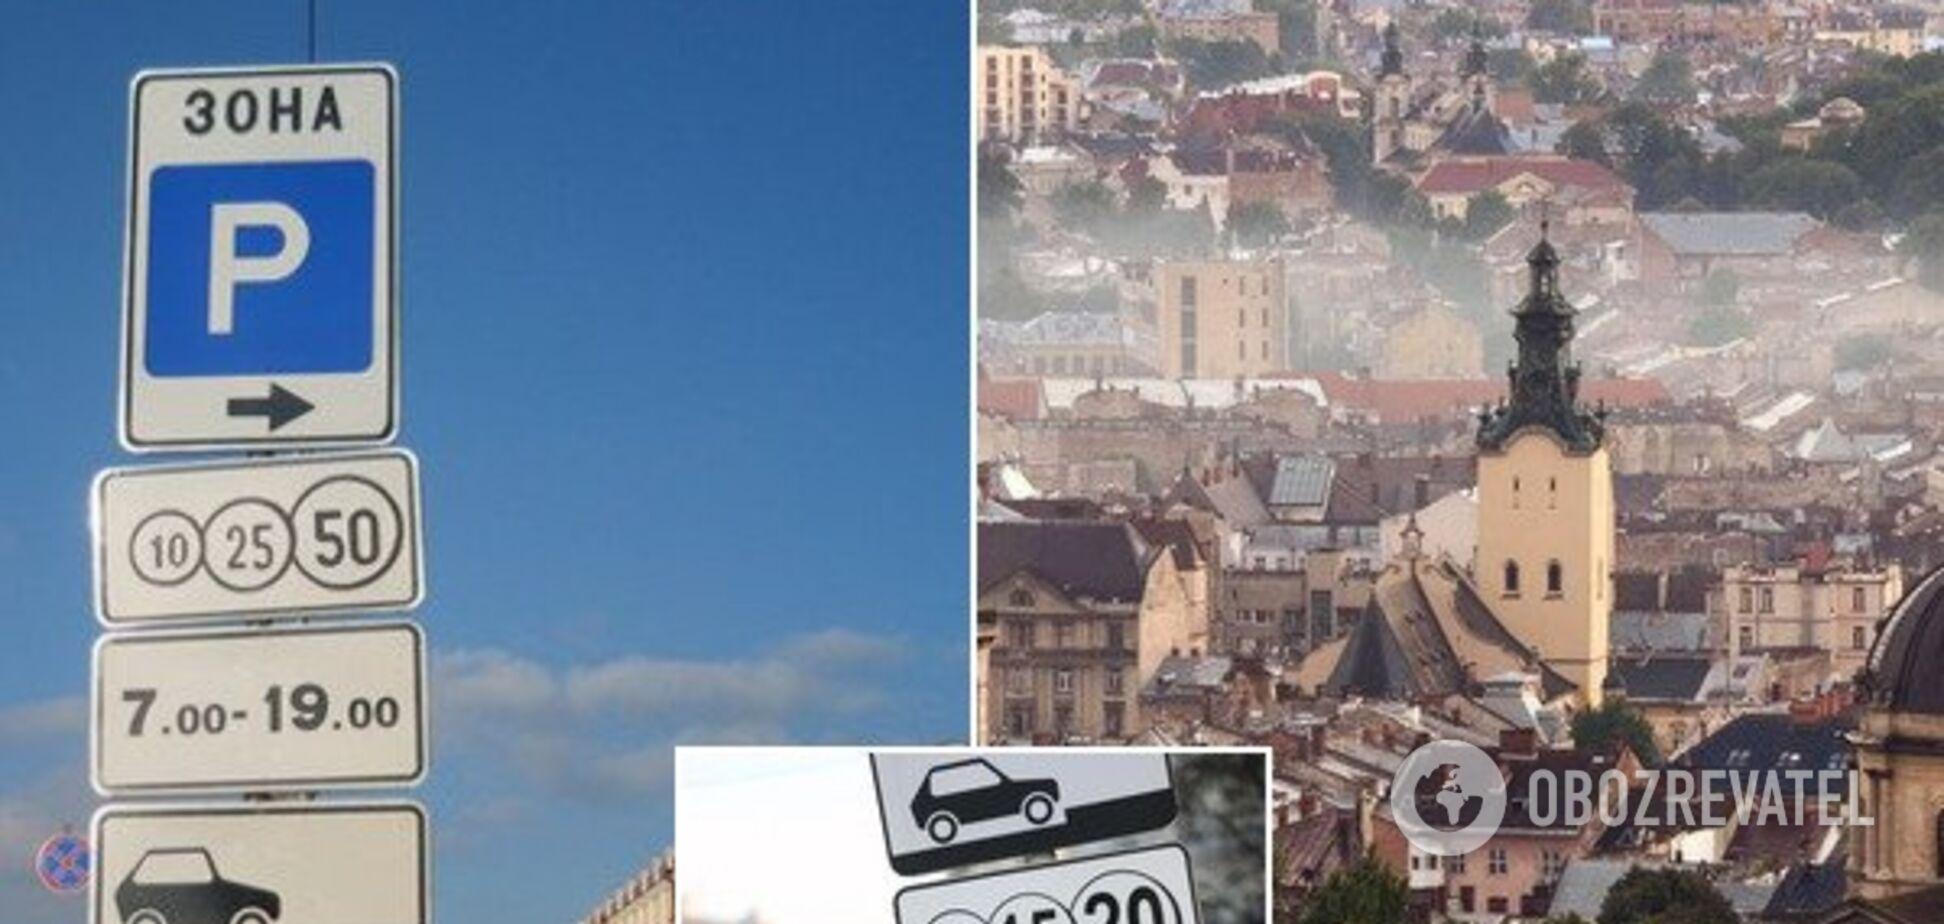 І це не Київ: названо місто з найвищими цінами на паркування в Україні